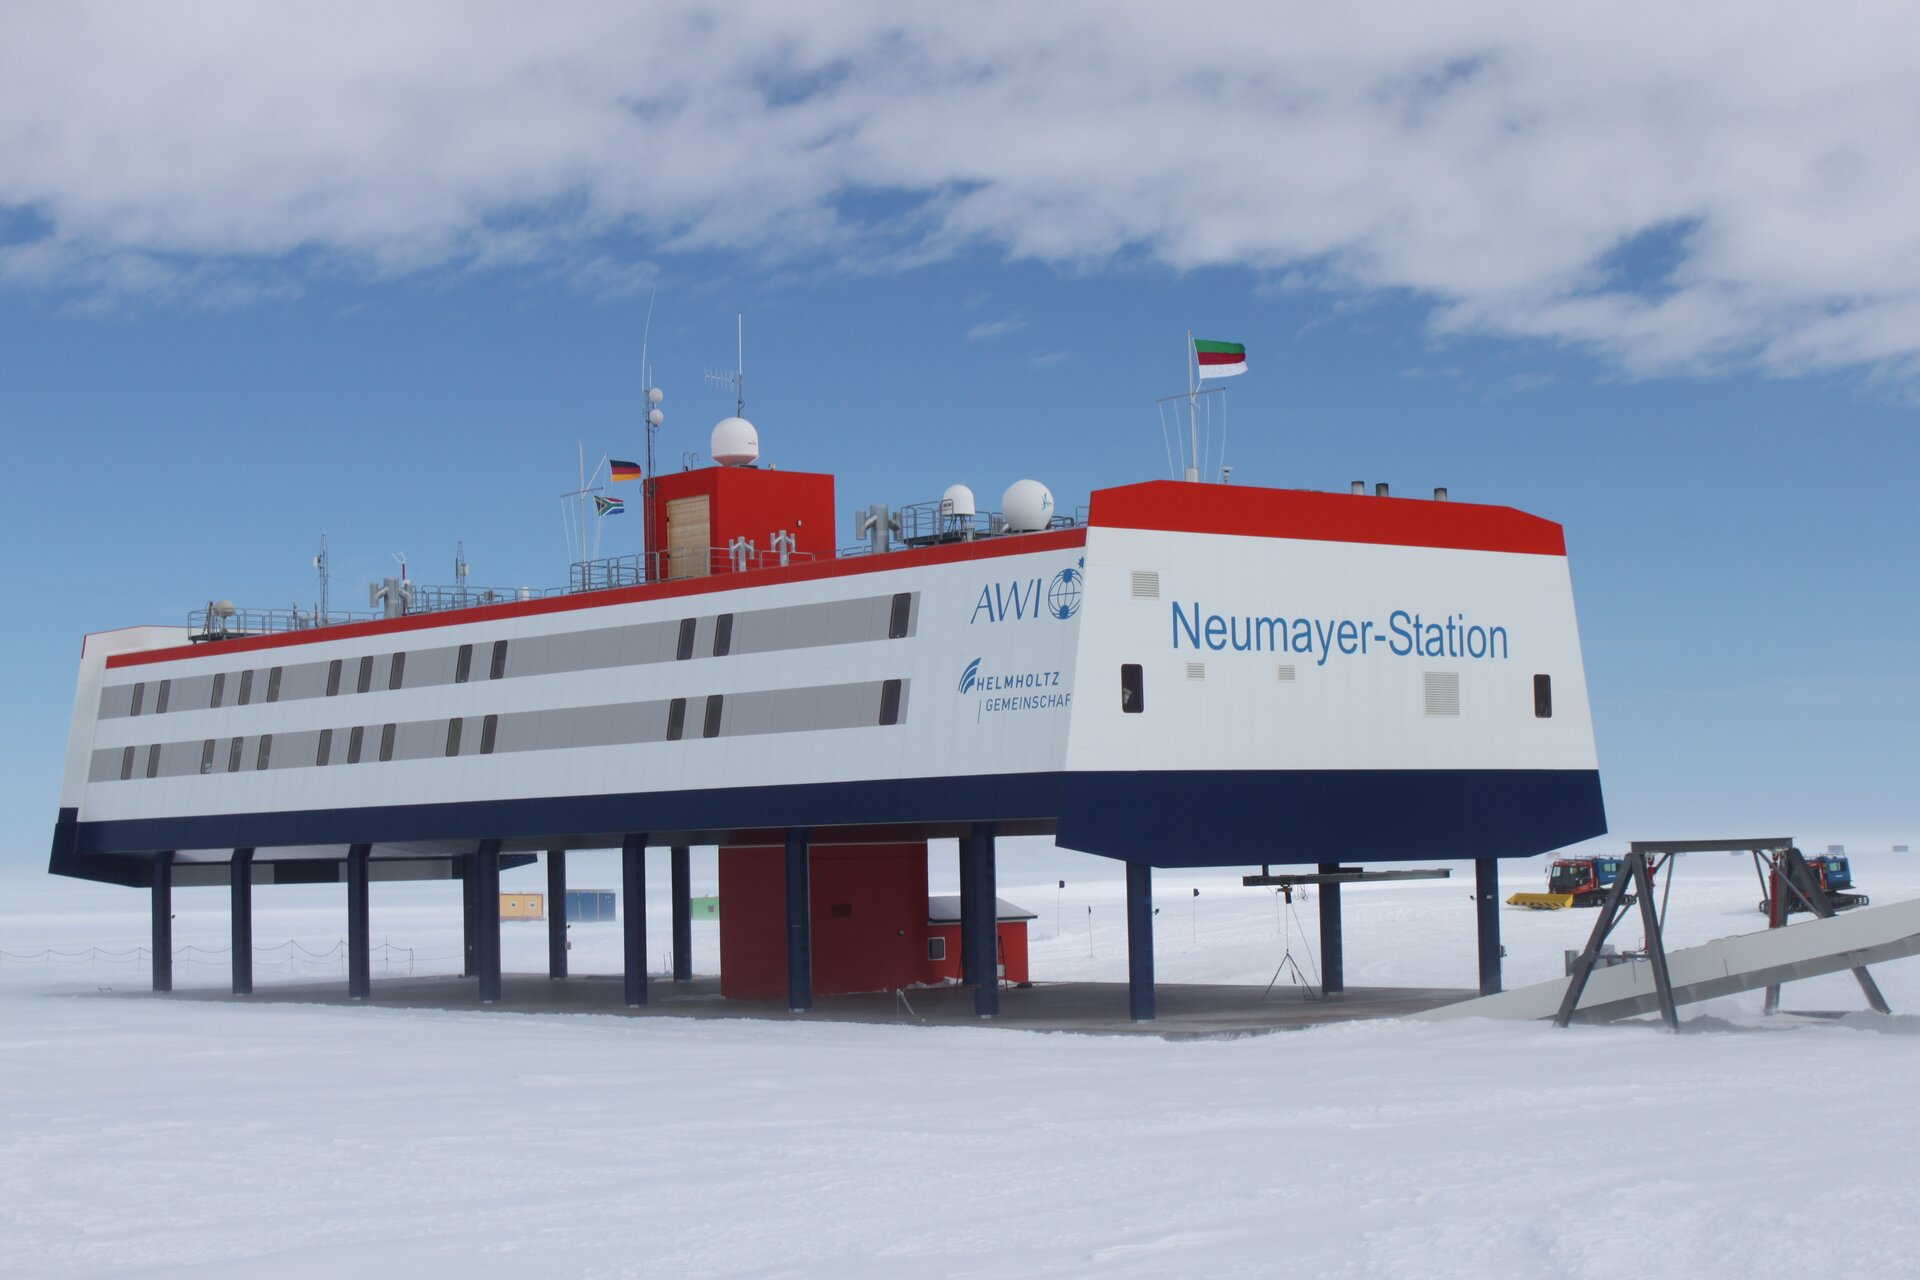 Na zdjęciu płaski budynek posadowiony na palach wbitych wbetonową podstawę. Na dachu flagi. Dookoła ośnieżony teren, pługi śnieżne.